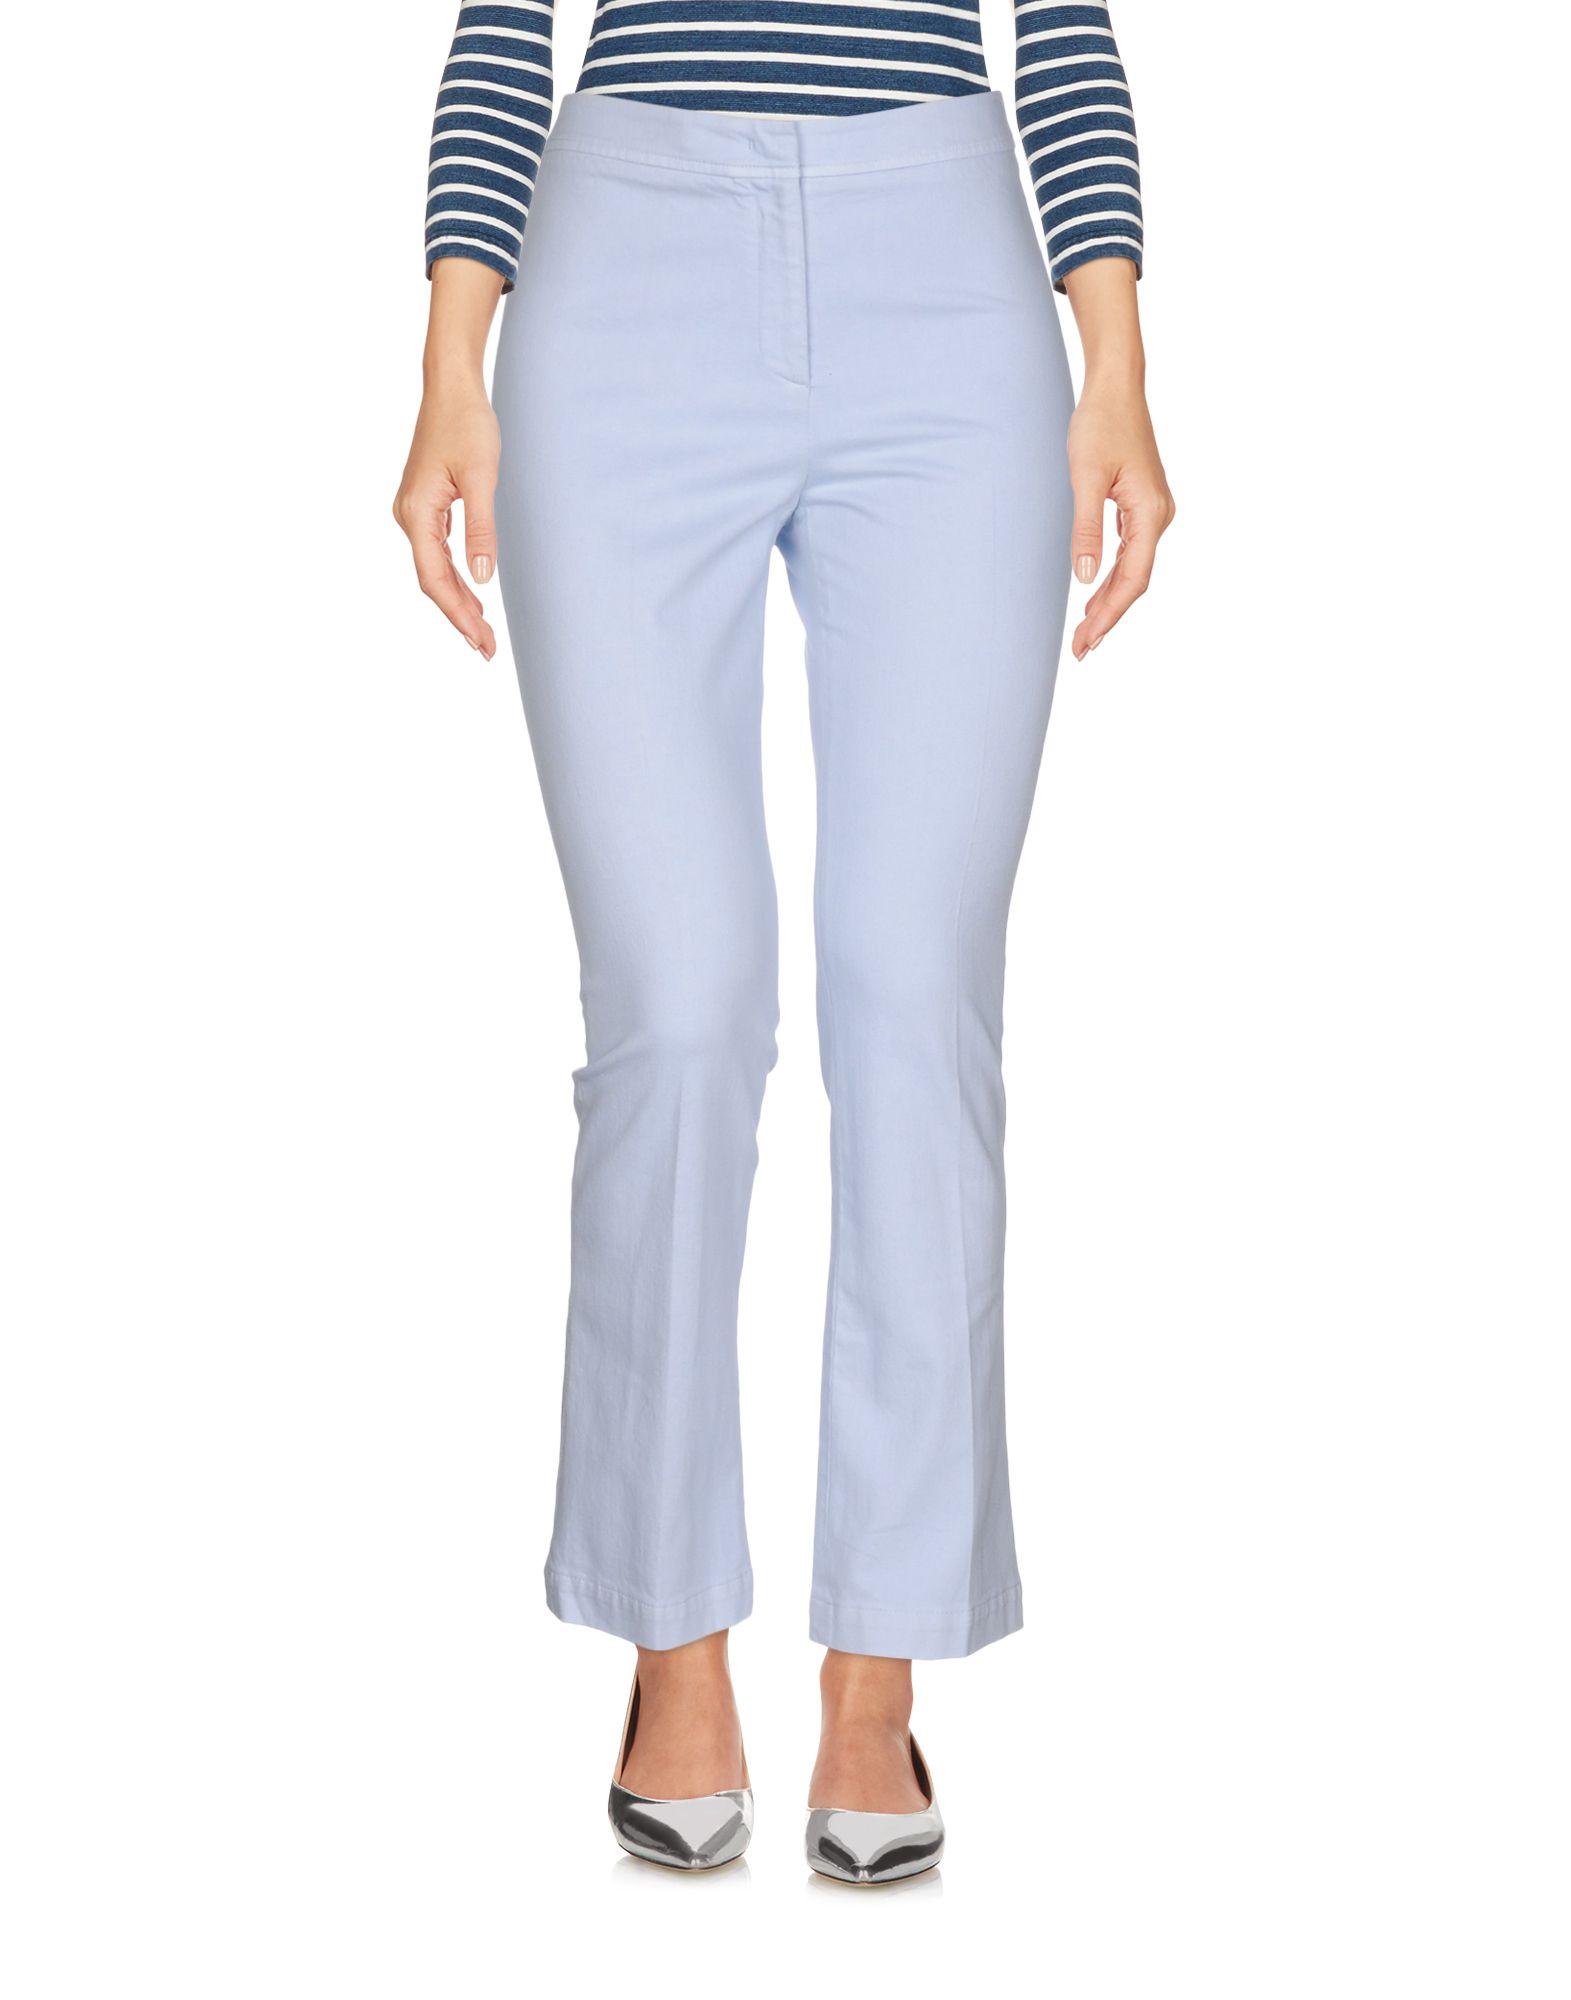 QL2 QUELLEDUE Damen Jeanshose4 blau